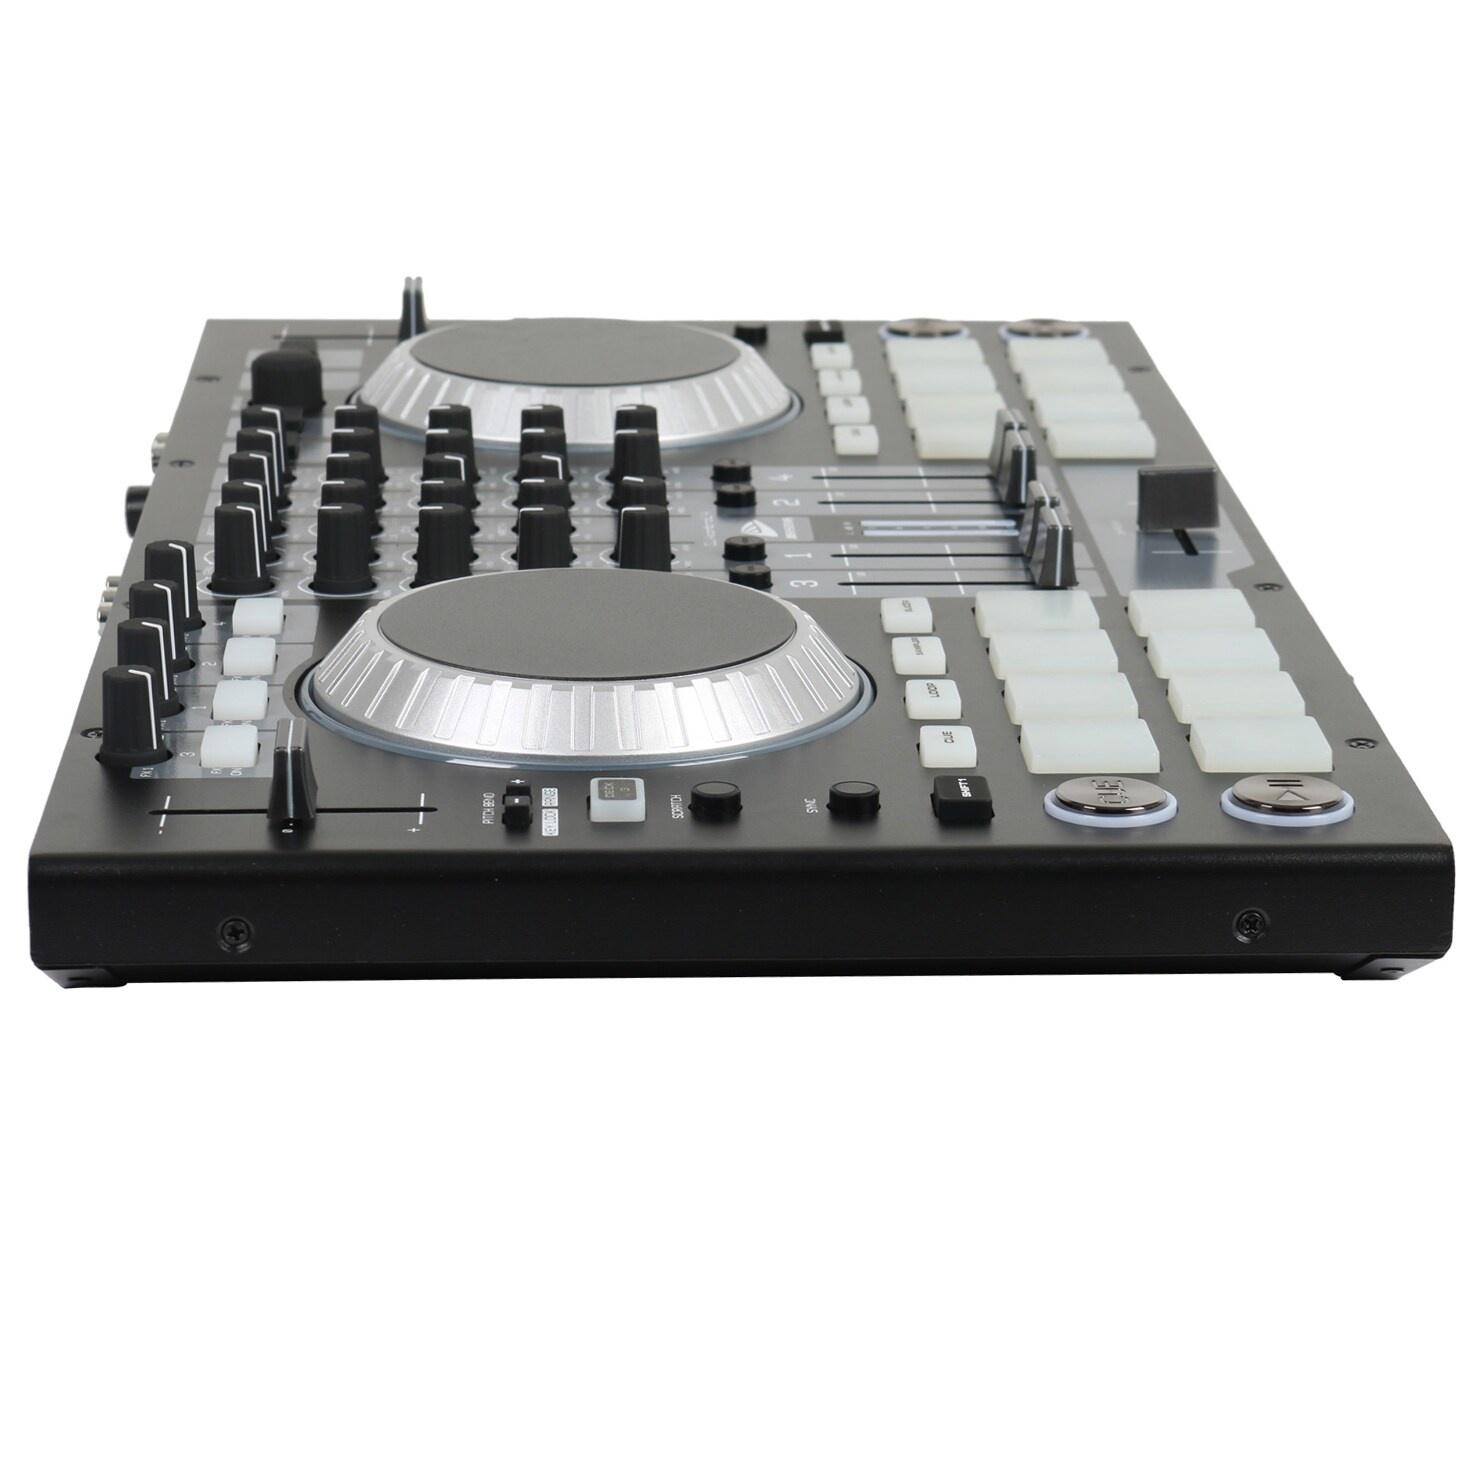 JB systems JB systems DJ-Kontrol 4 DJ controller